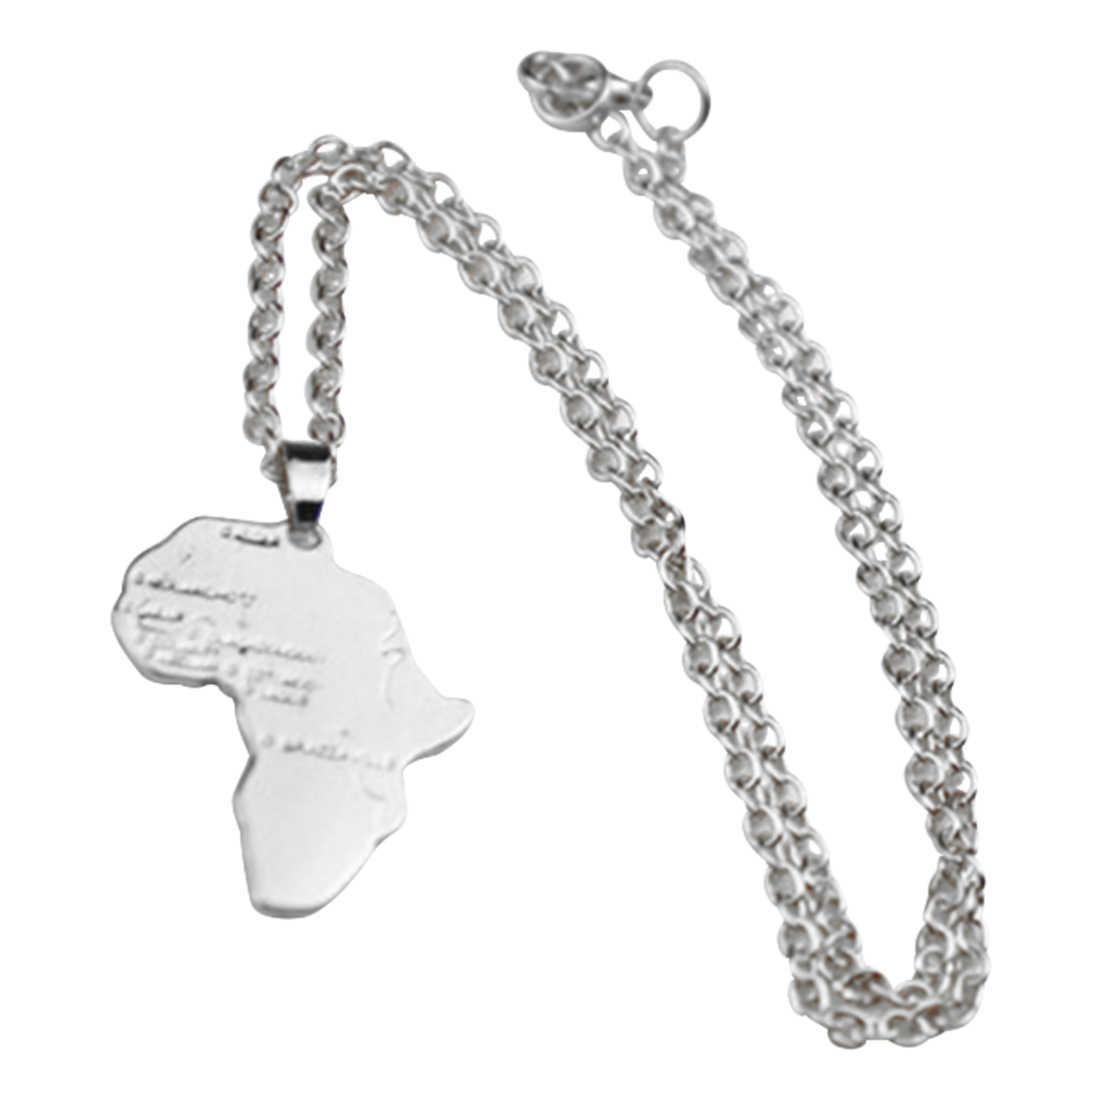 מכירה לוהטת מעודן היפ הופ סגנון אפריקאי מפת שרשרת אופנה אפריקאי קסם תכשיטי נשים/גברים מתנה טרנדי זהב כסף